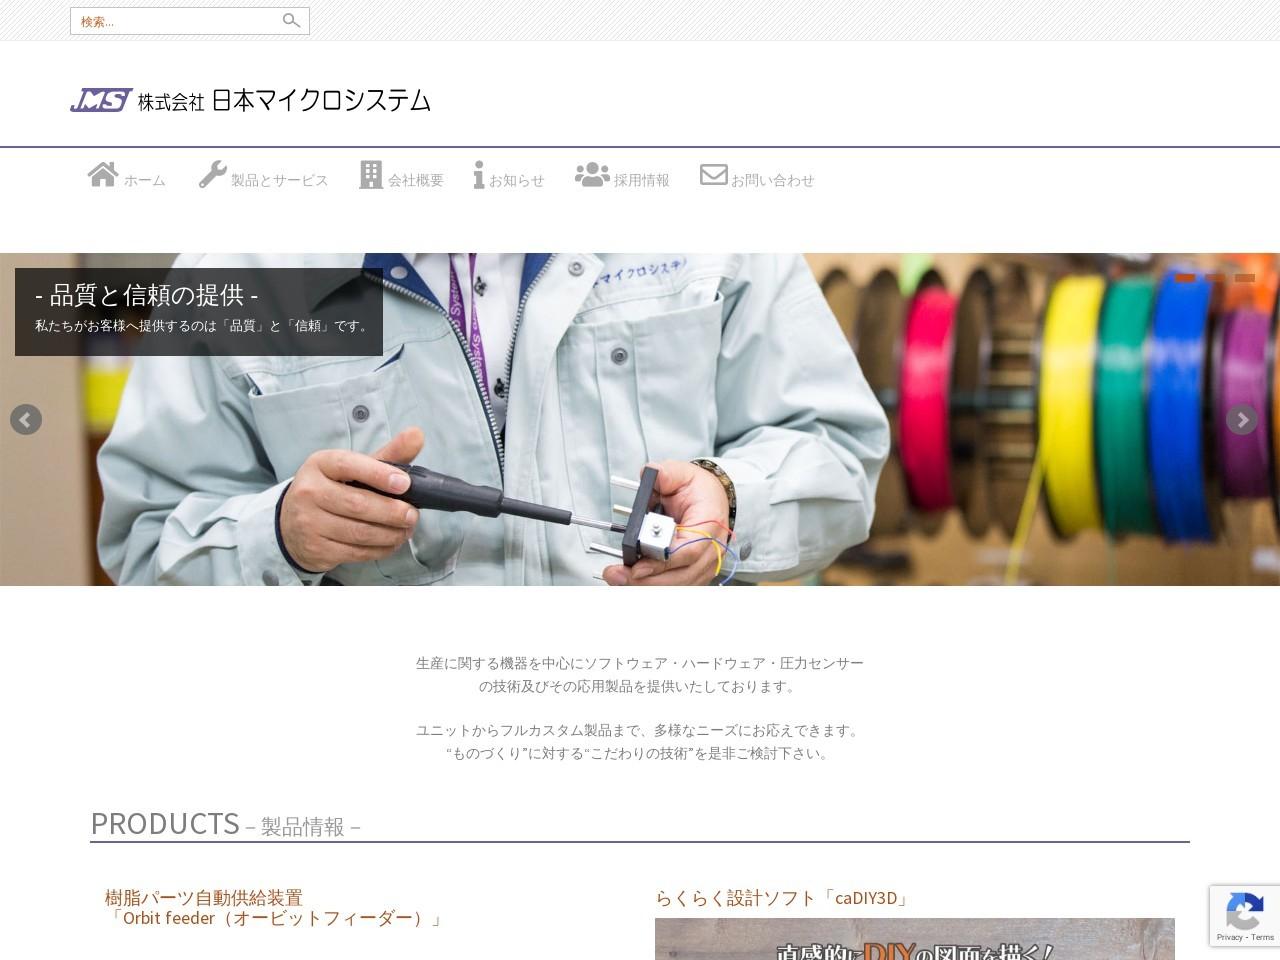 株式会社日本マイクロシステム